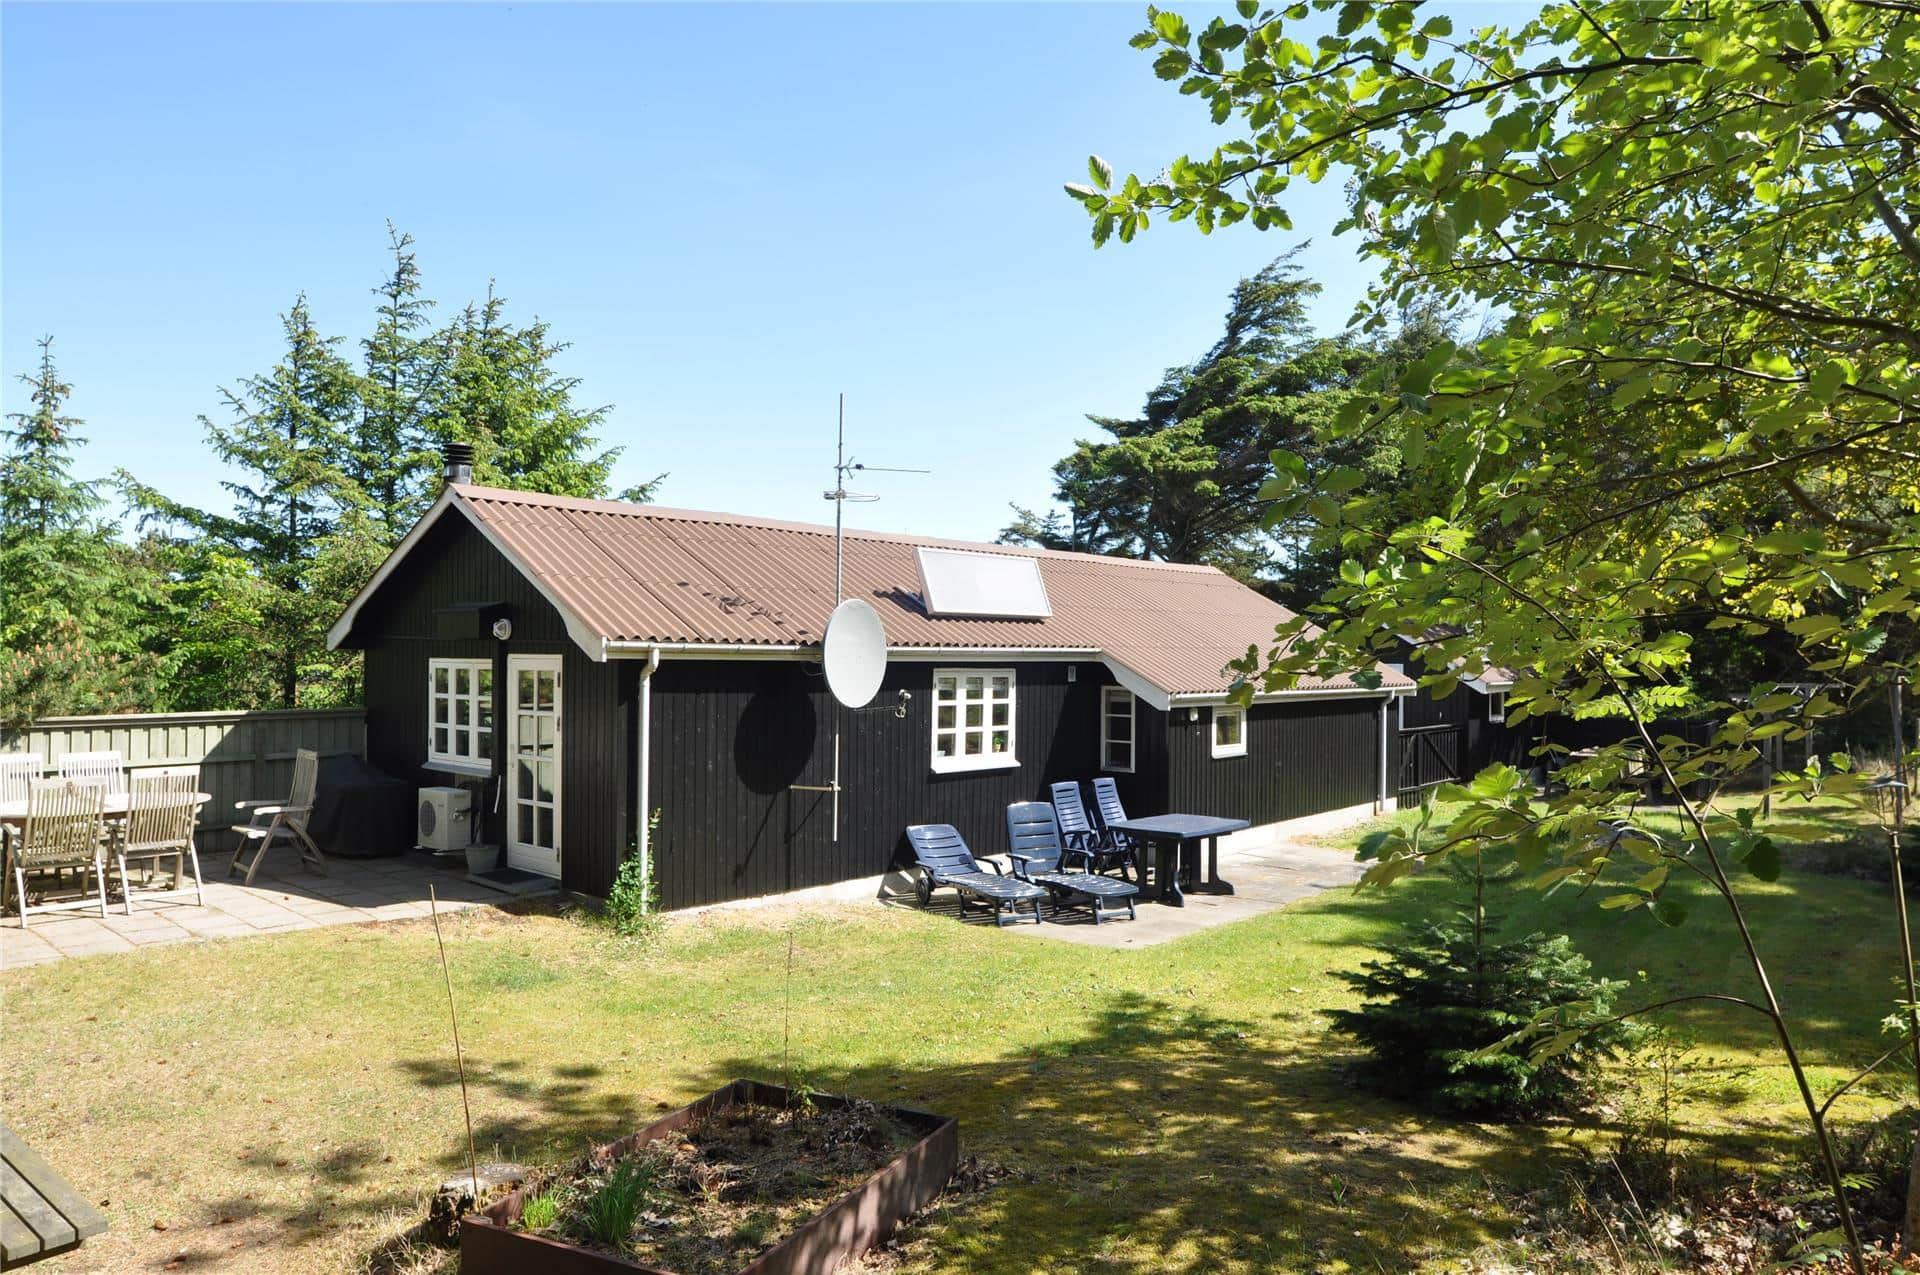 Billede 1-175 Sommerhus 50021, Bjerghuse 94, DK - 6990 Ulfborg